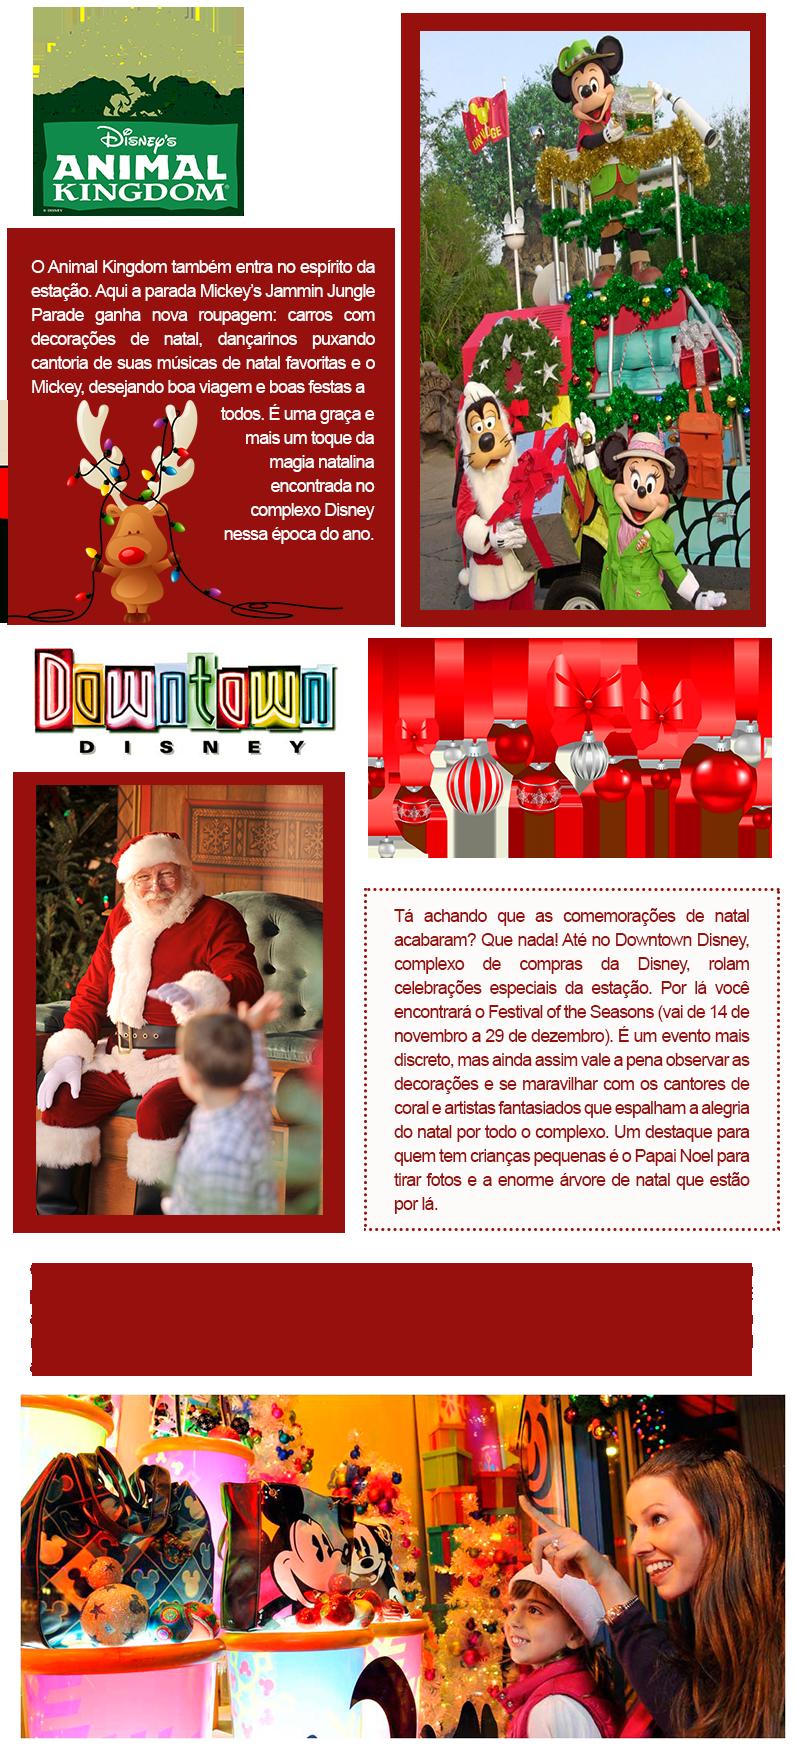 animal-kingdom-e-downtown-disney-comemoração-de-natal